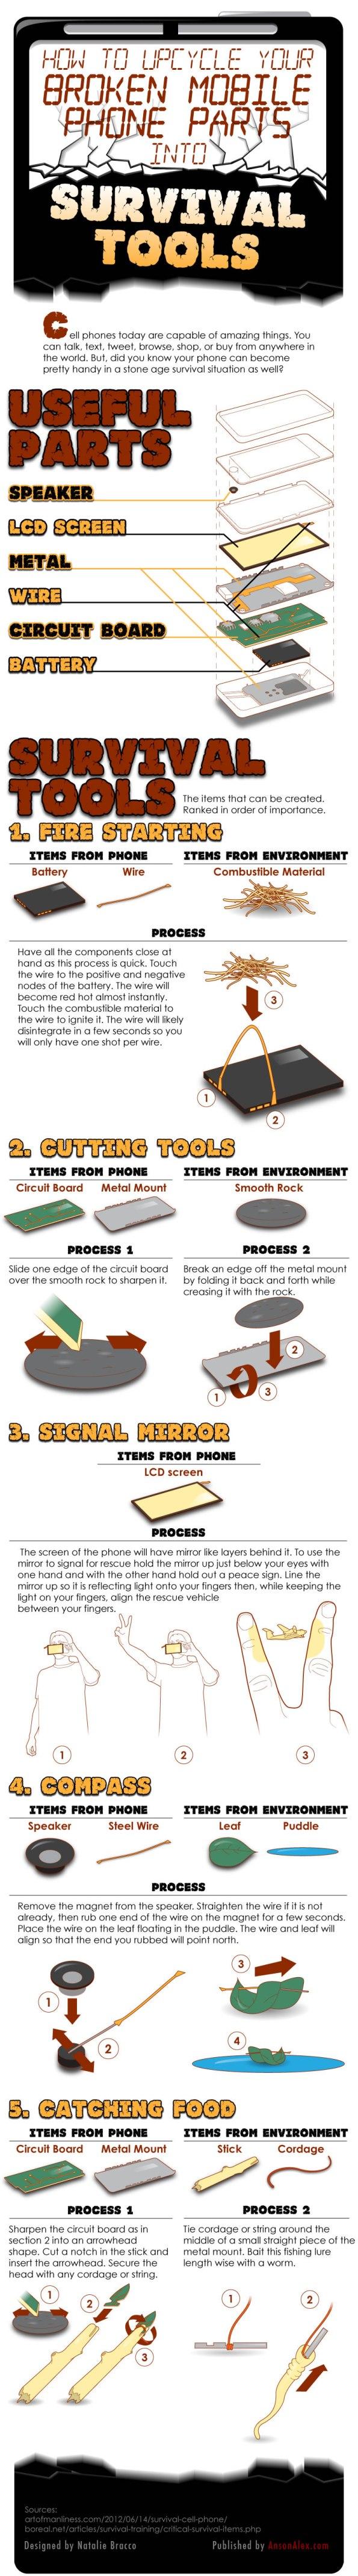 Cómo utilizar las piezas del teléfono celular roto como herramientas de supervivencia